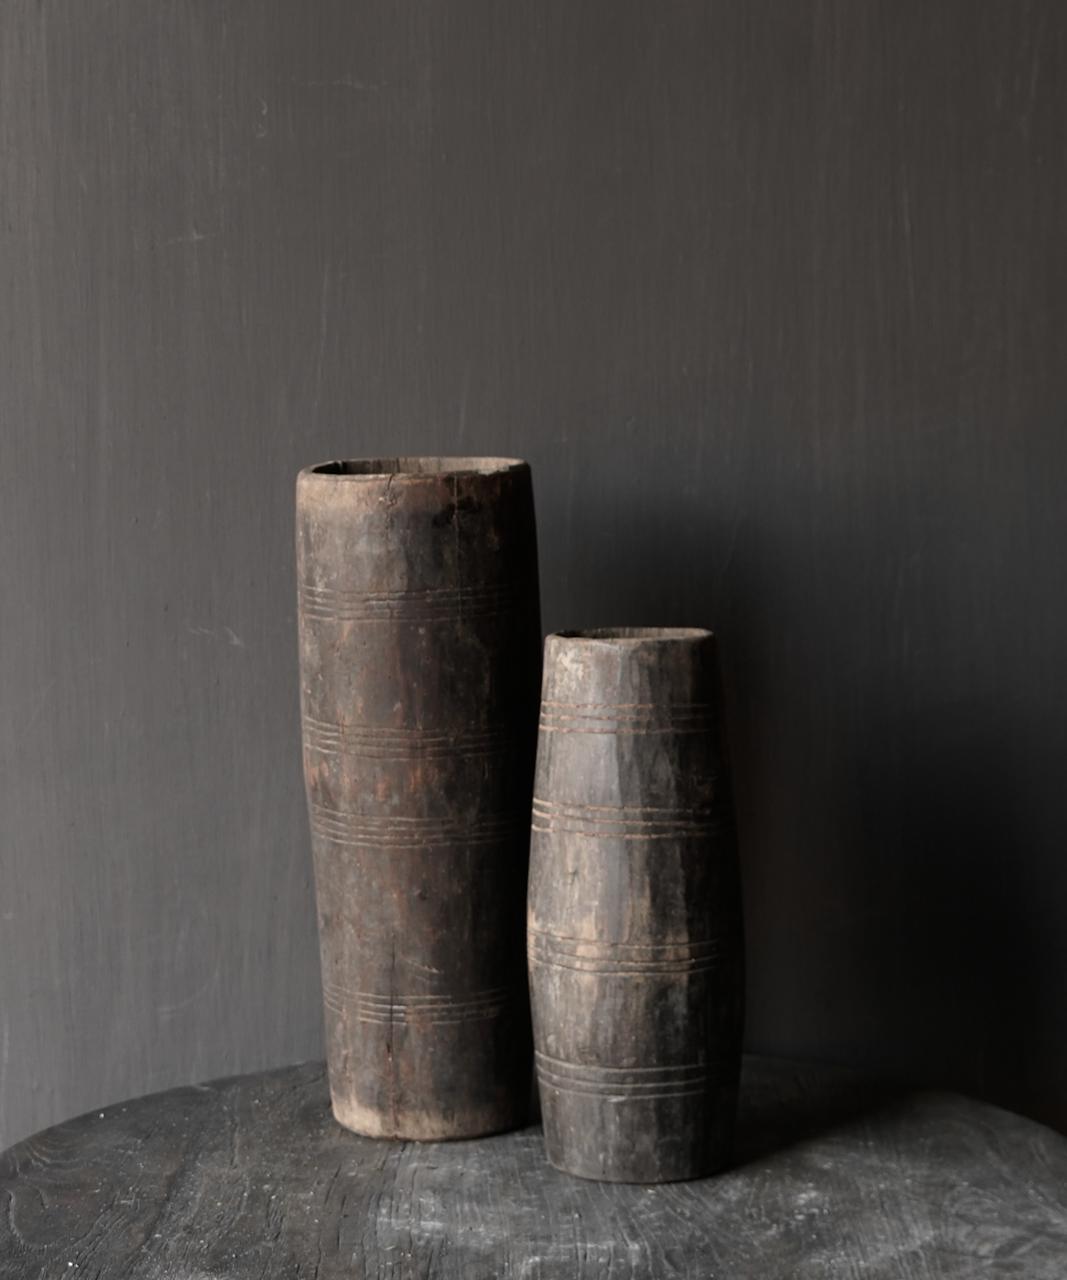 Uniek oud houten vaas zonder bodem gemaakt van een Authentieke trommel-3